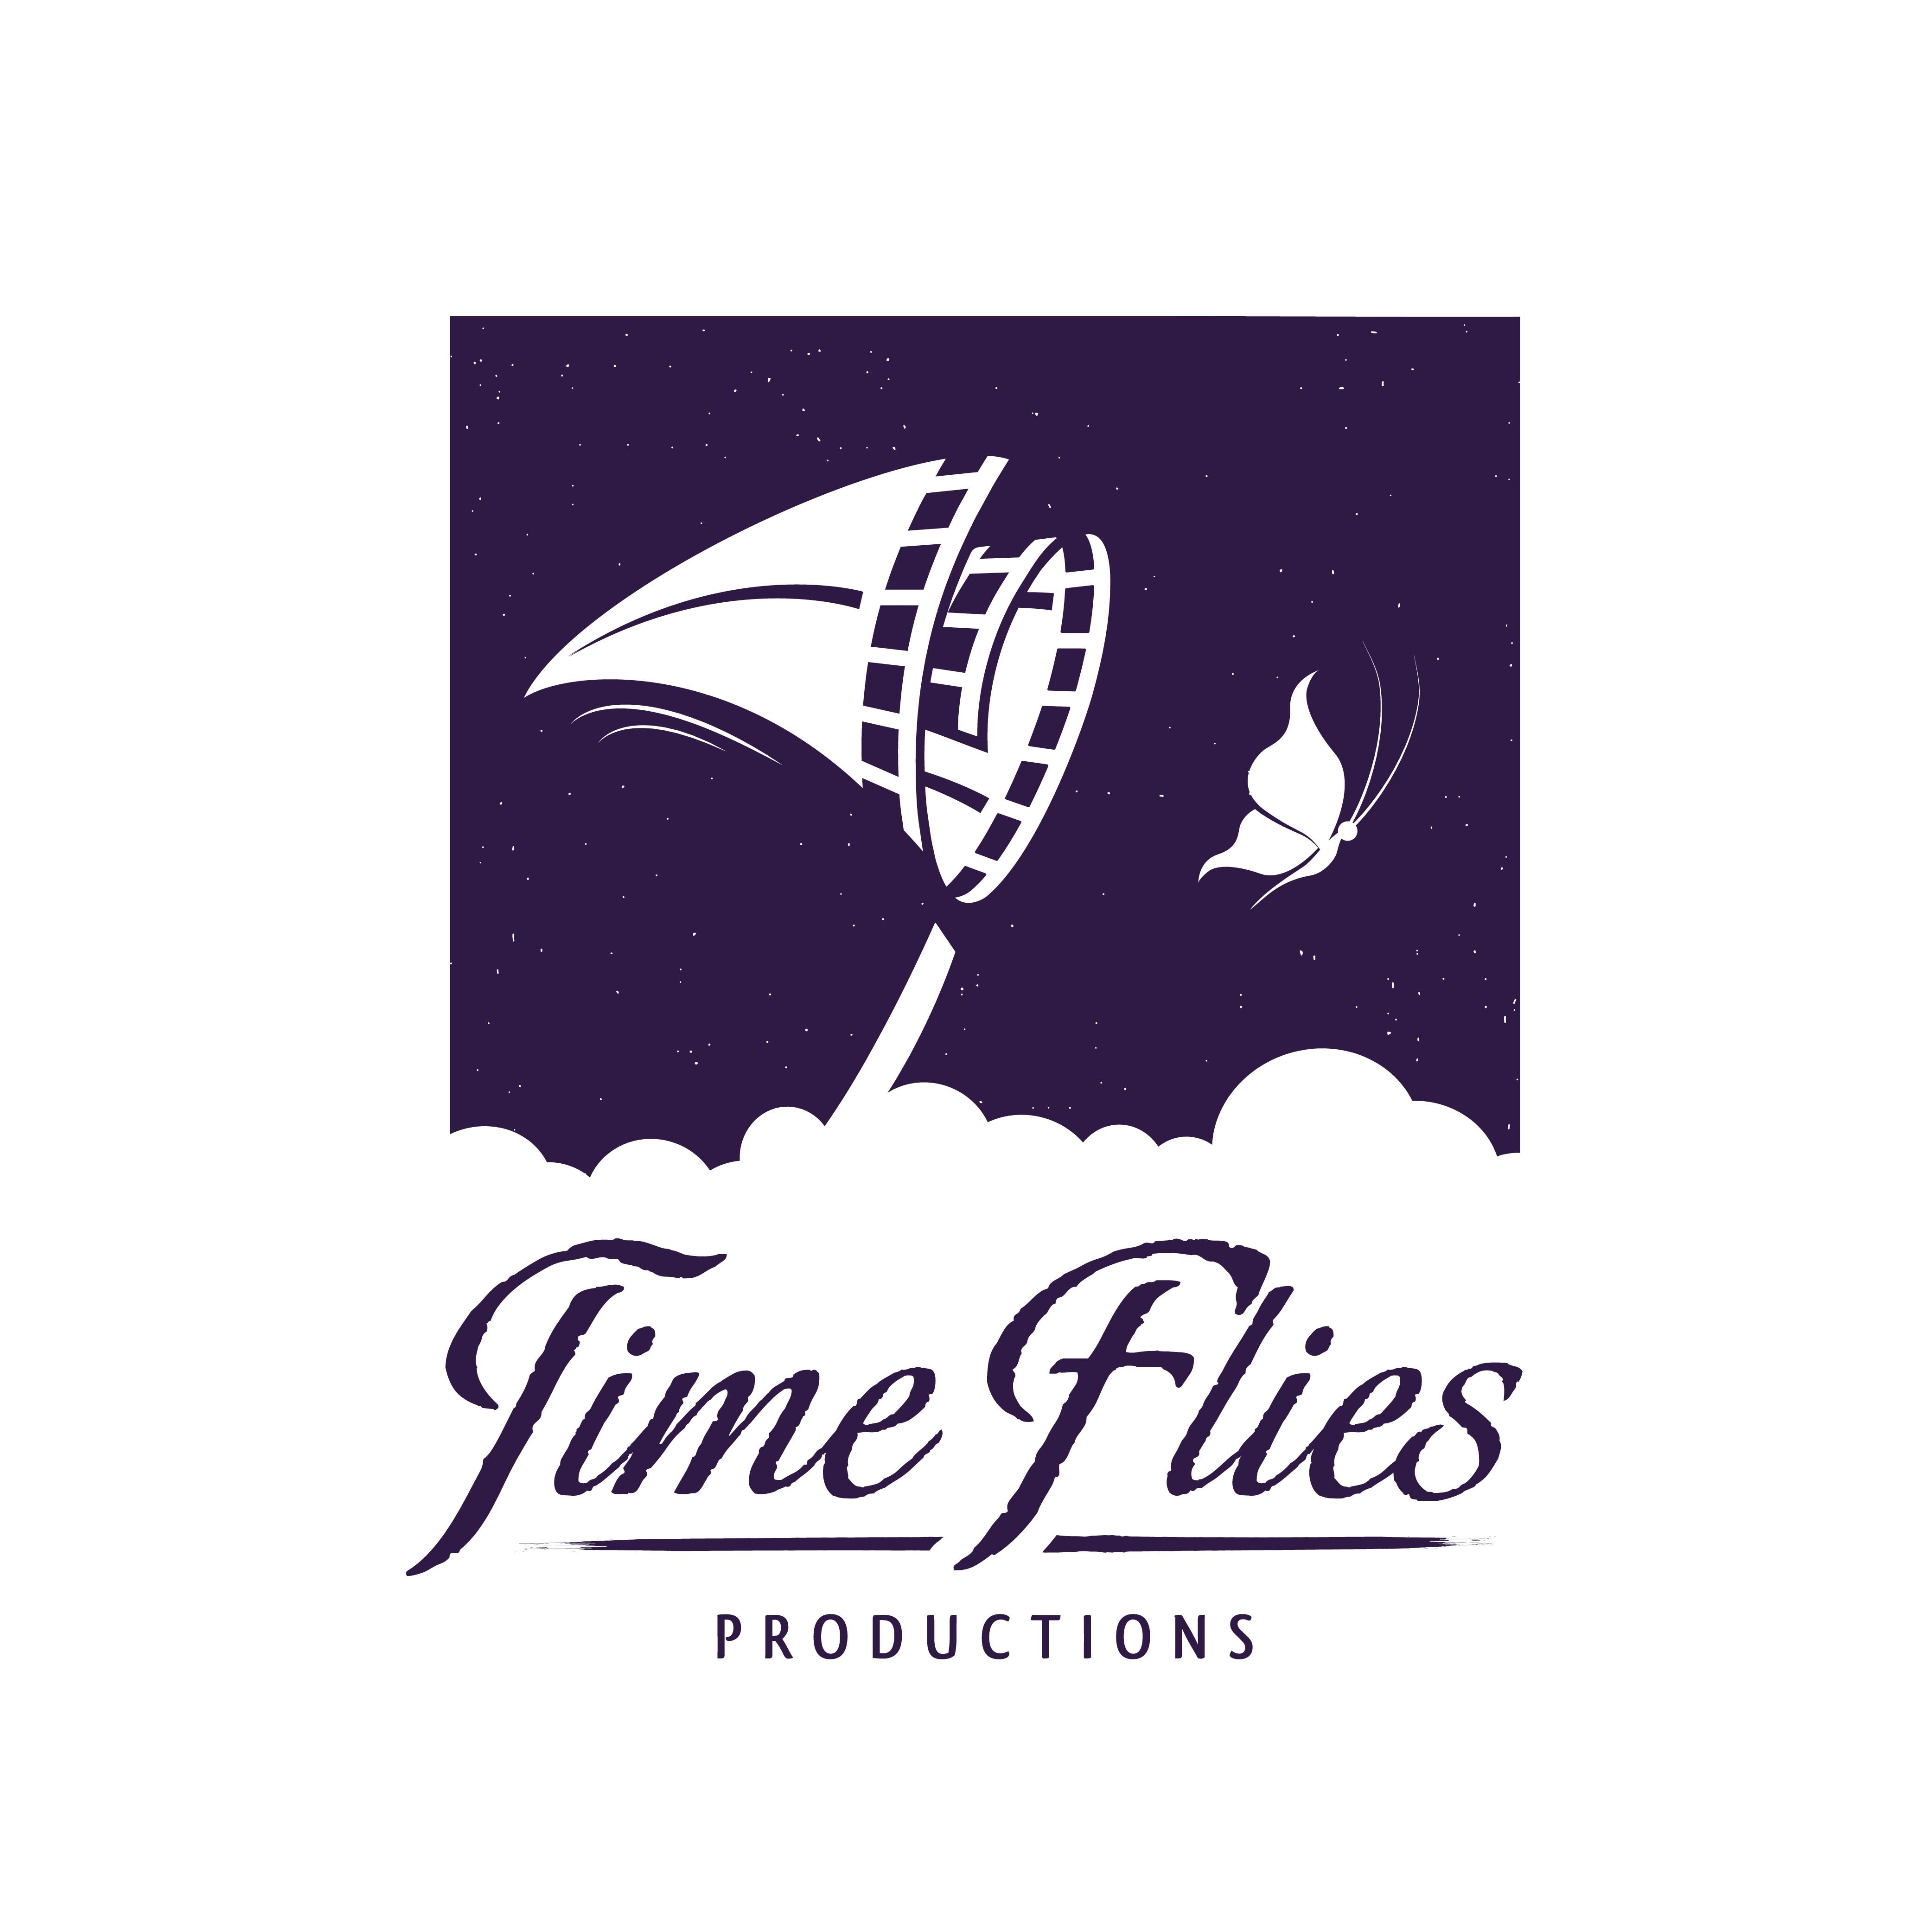 Start-up movie production company needs eye-catching logo.